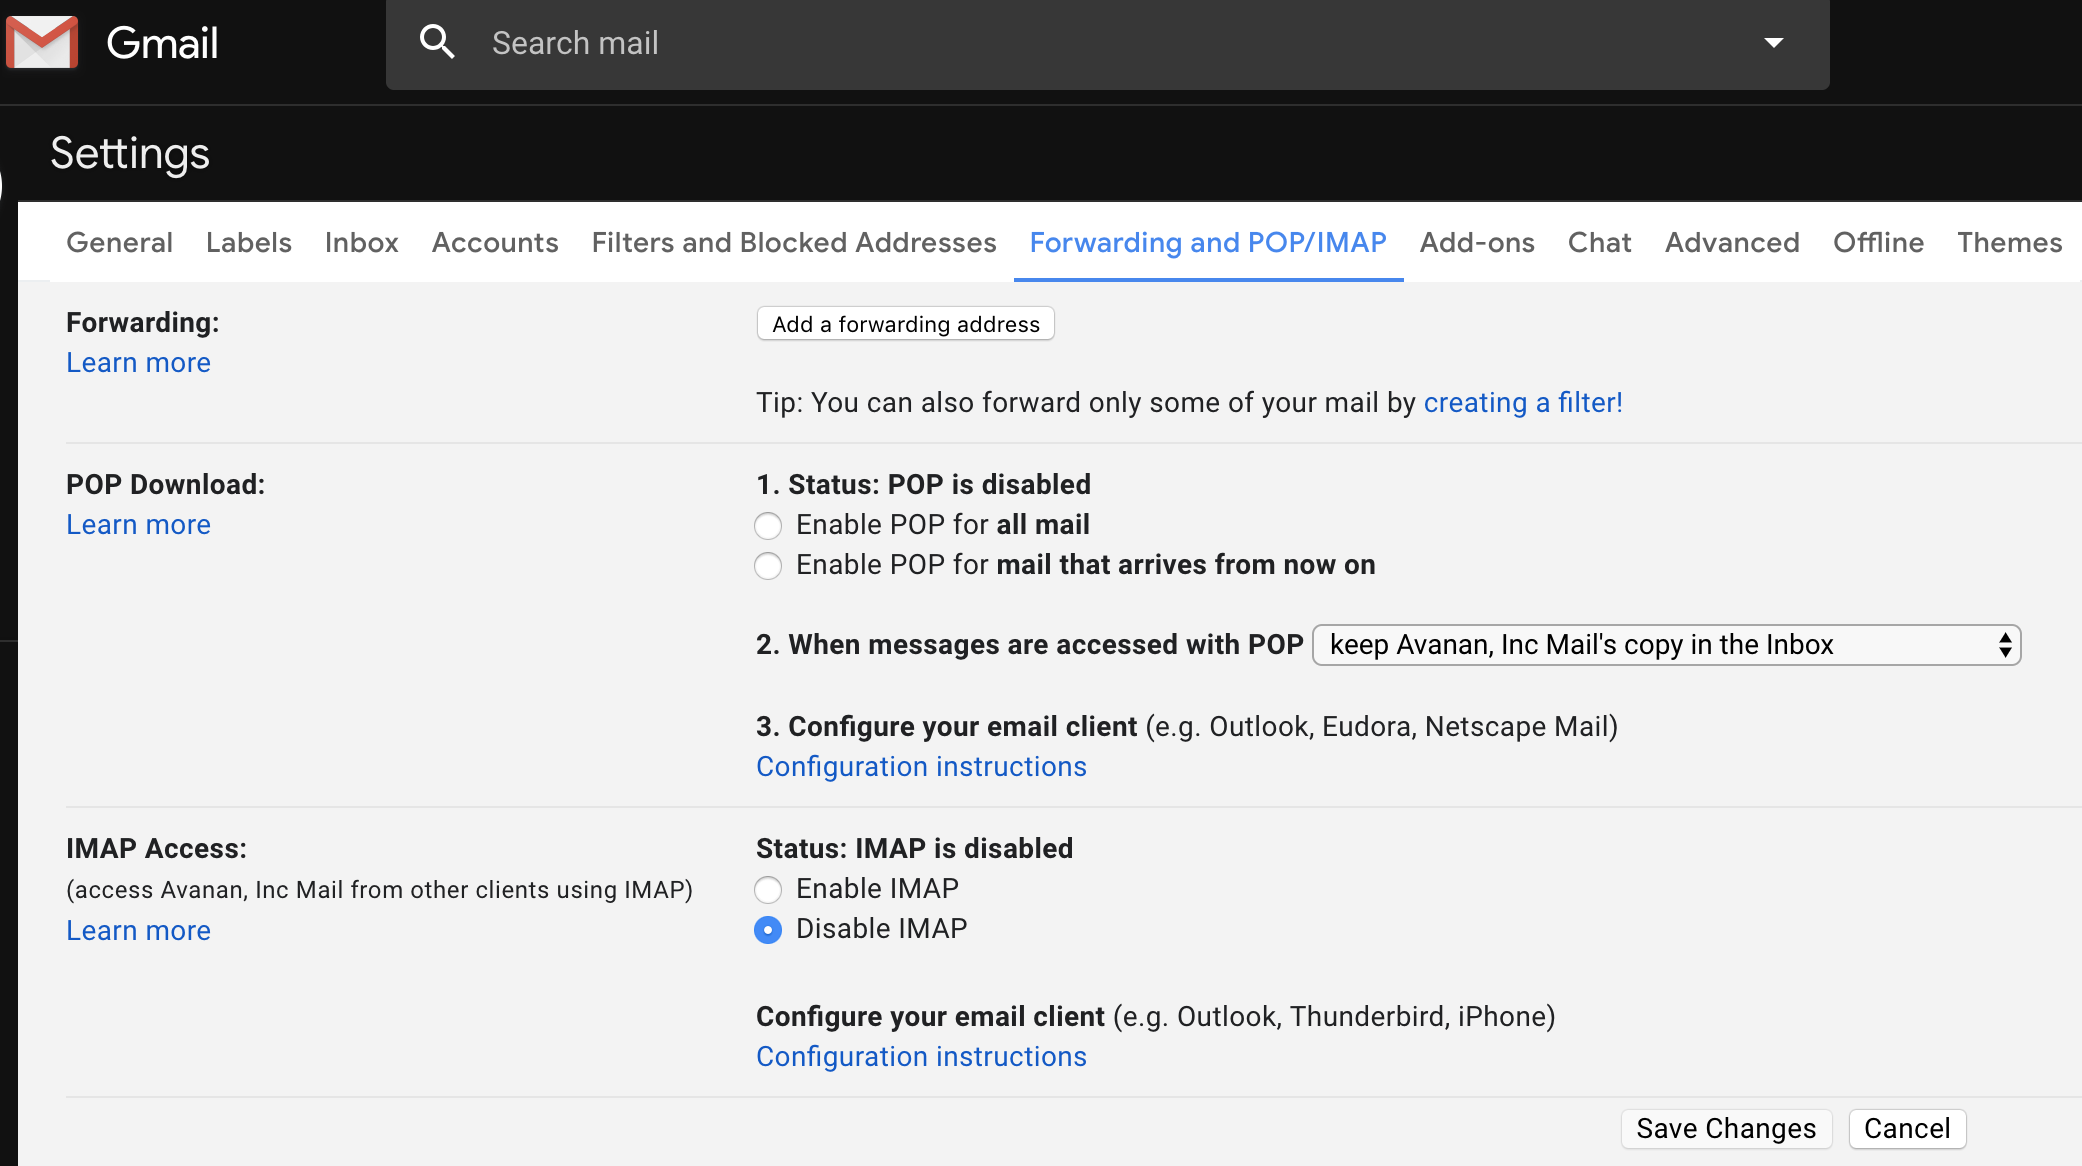 gmail-settings